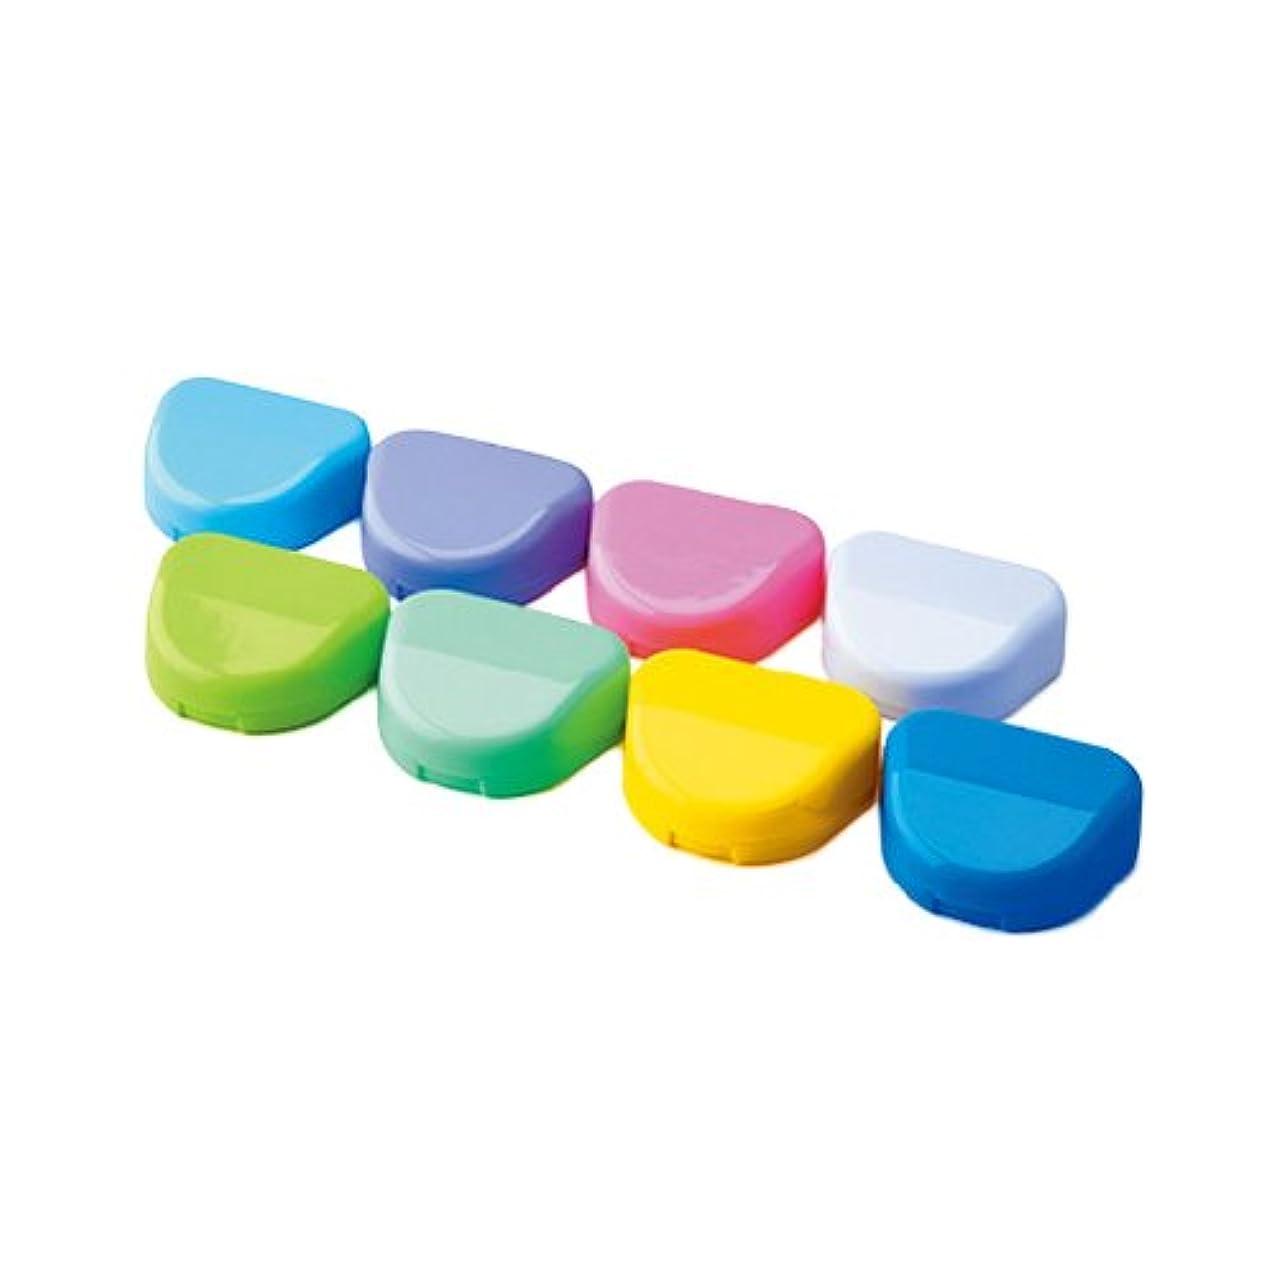 リマーク一般化する賢いプレミアムプラス リテーナーボックス 1個